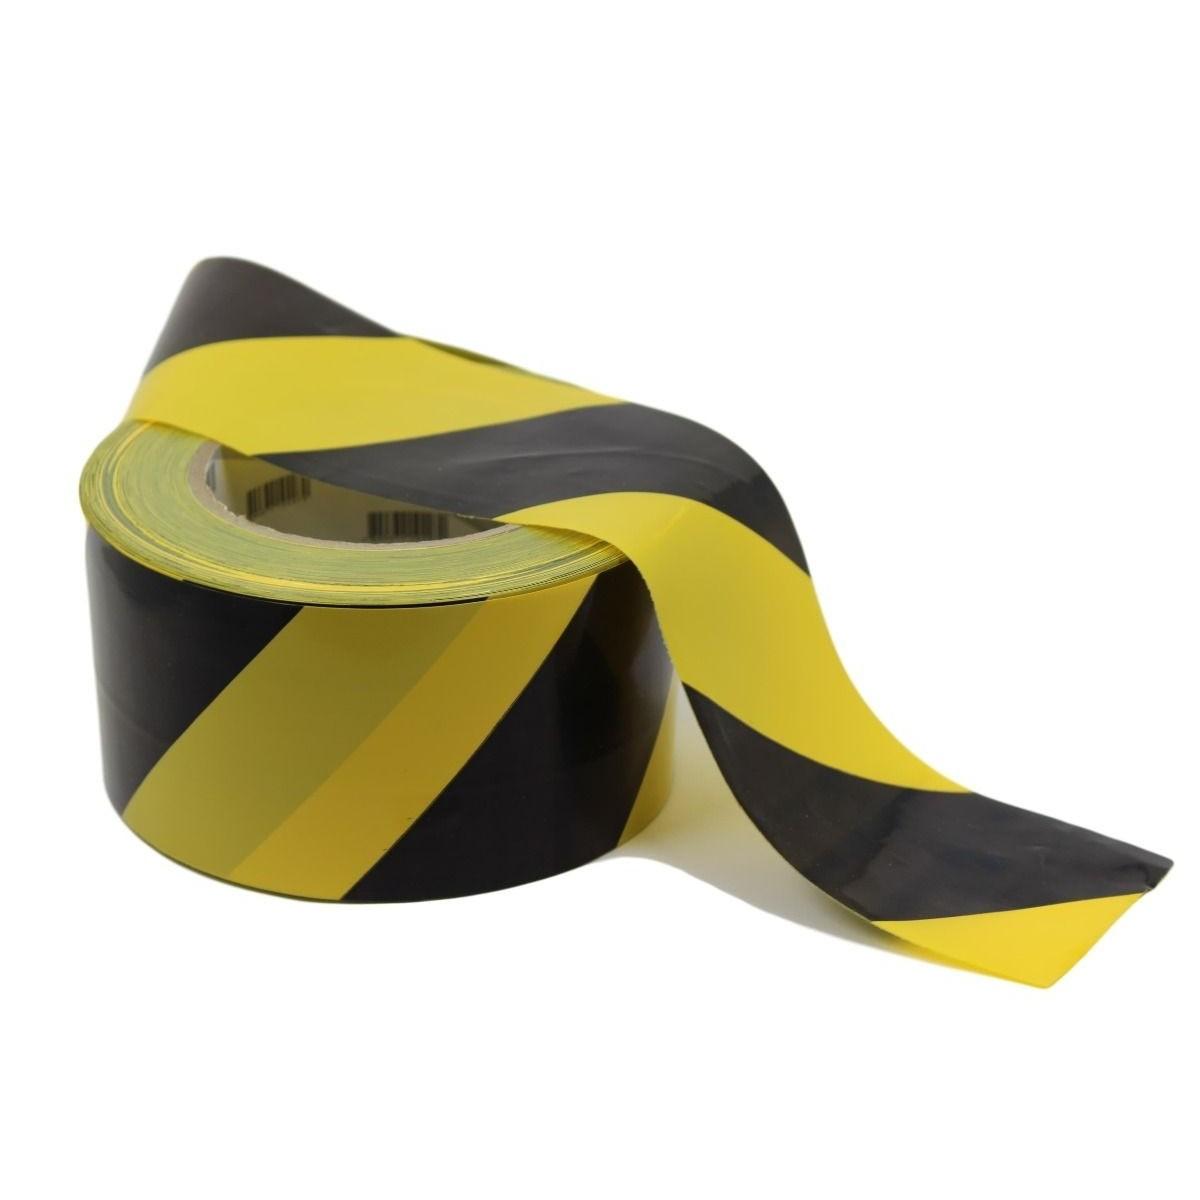 Fita De Isolamento Amarelo 7mm x 200m 1 Unidade - Plastcor